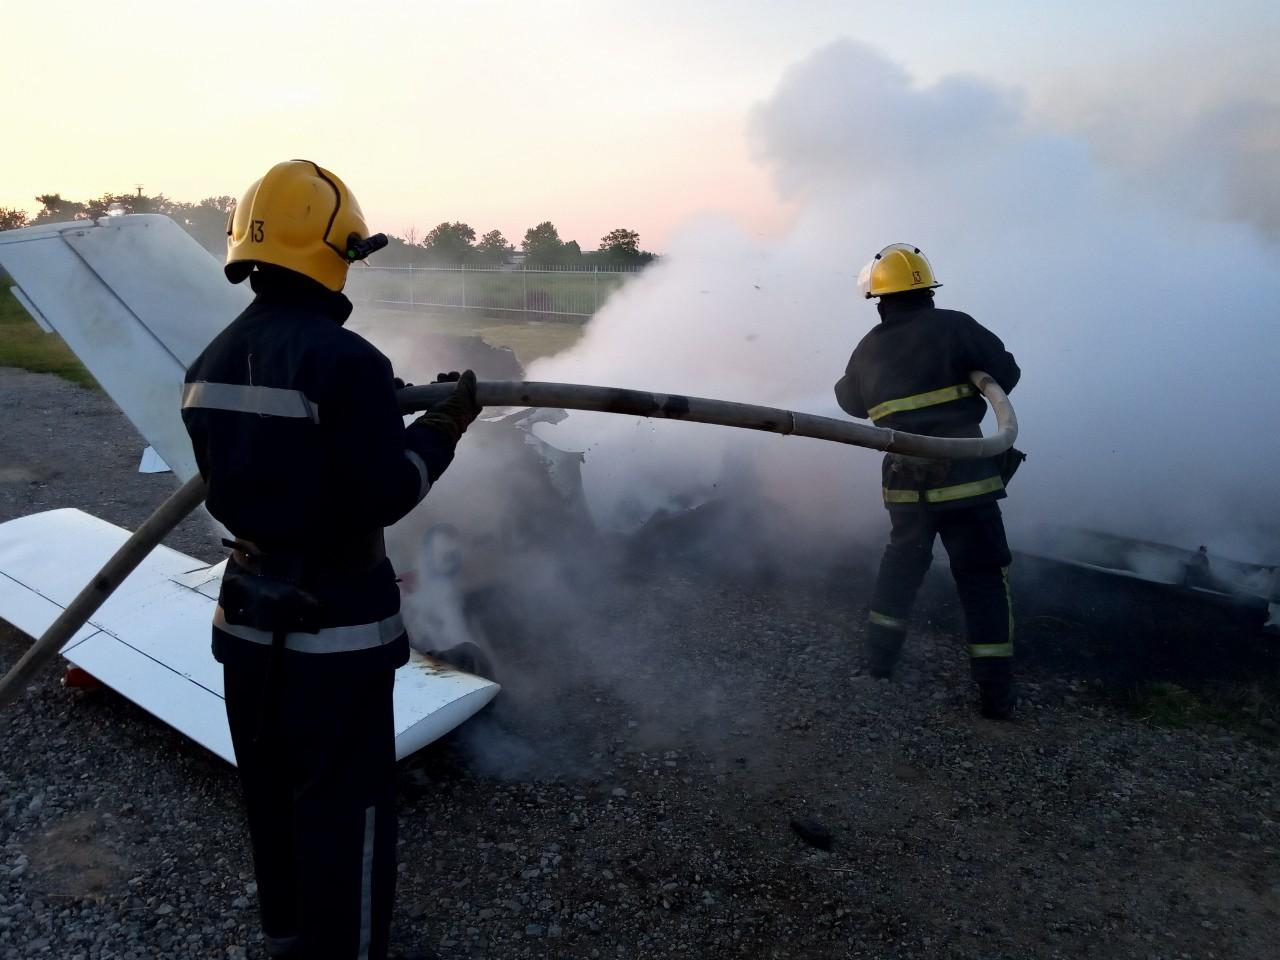 Рано утром на Херсонщине сгорел самолет: огонь его уничтожил за 23 минуты